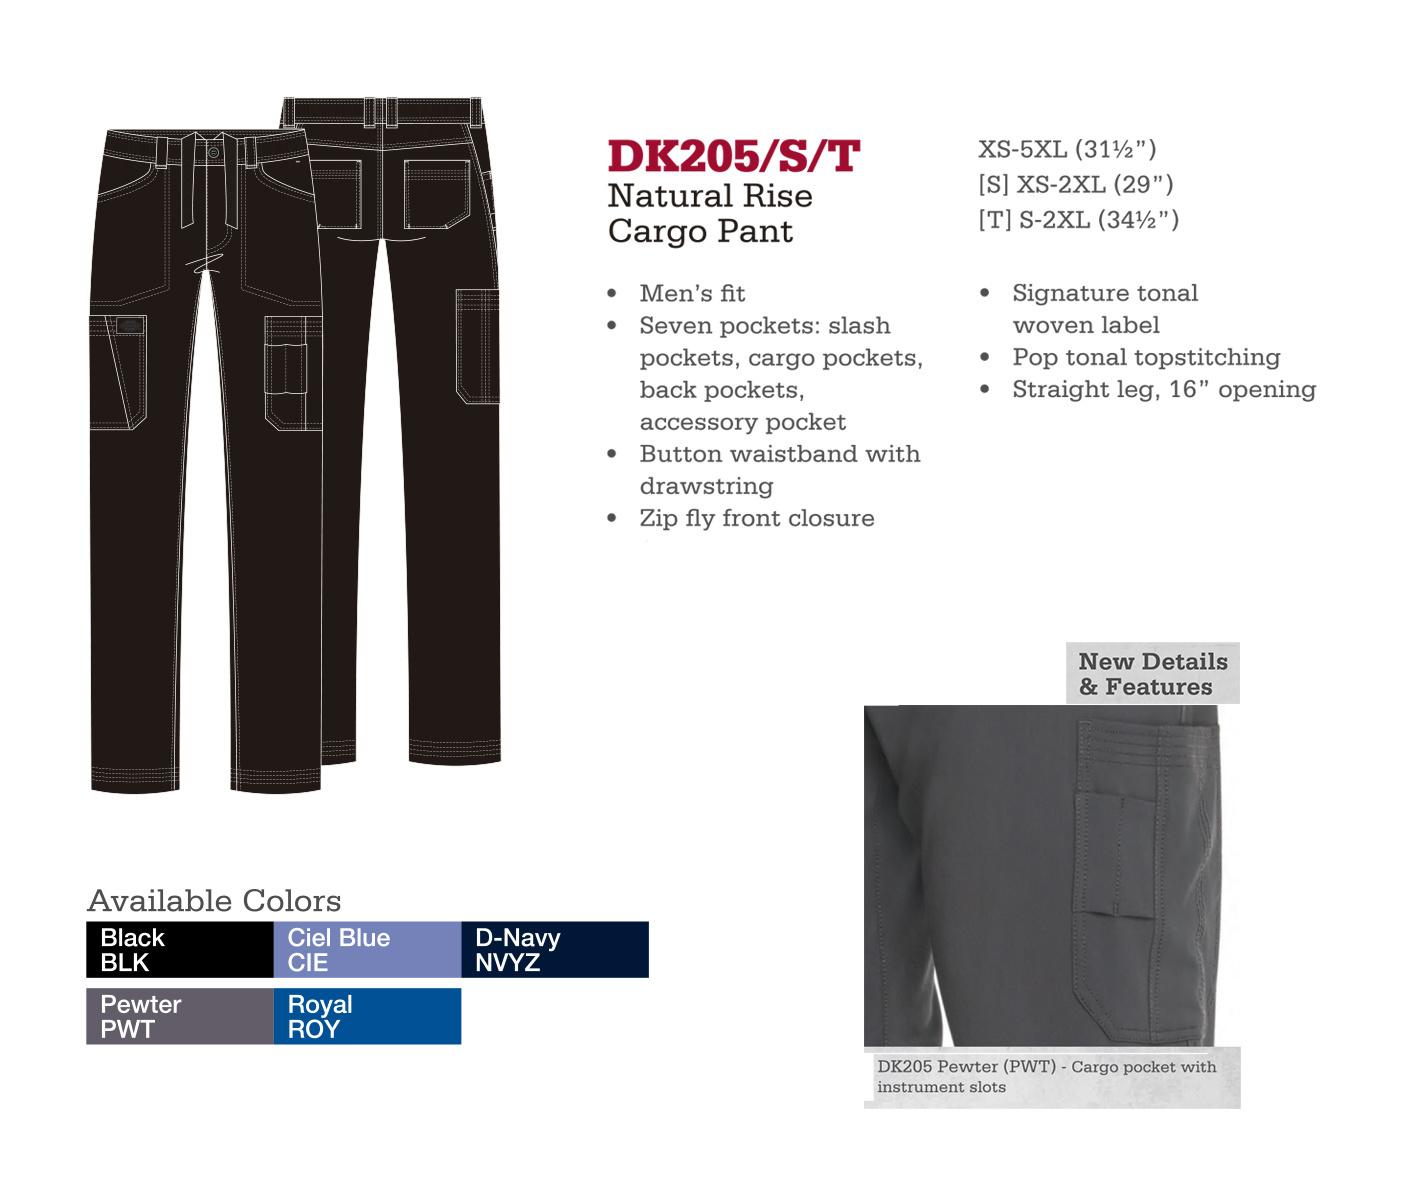 Pantalón Cargo de Levantado Natural. DK205/S/T.